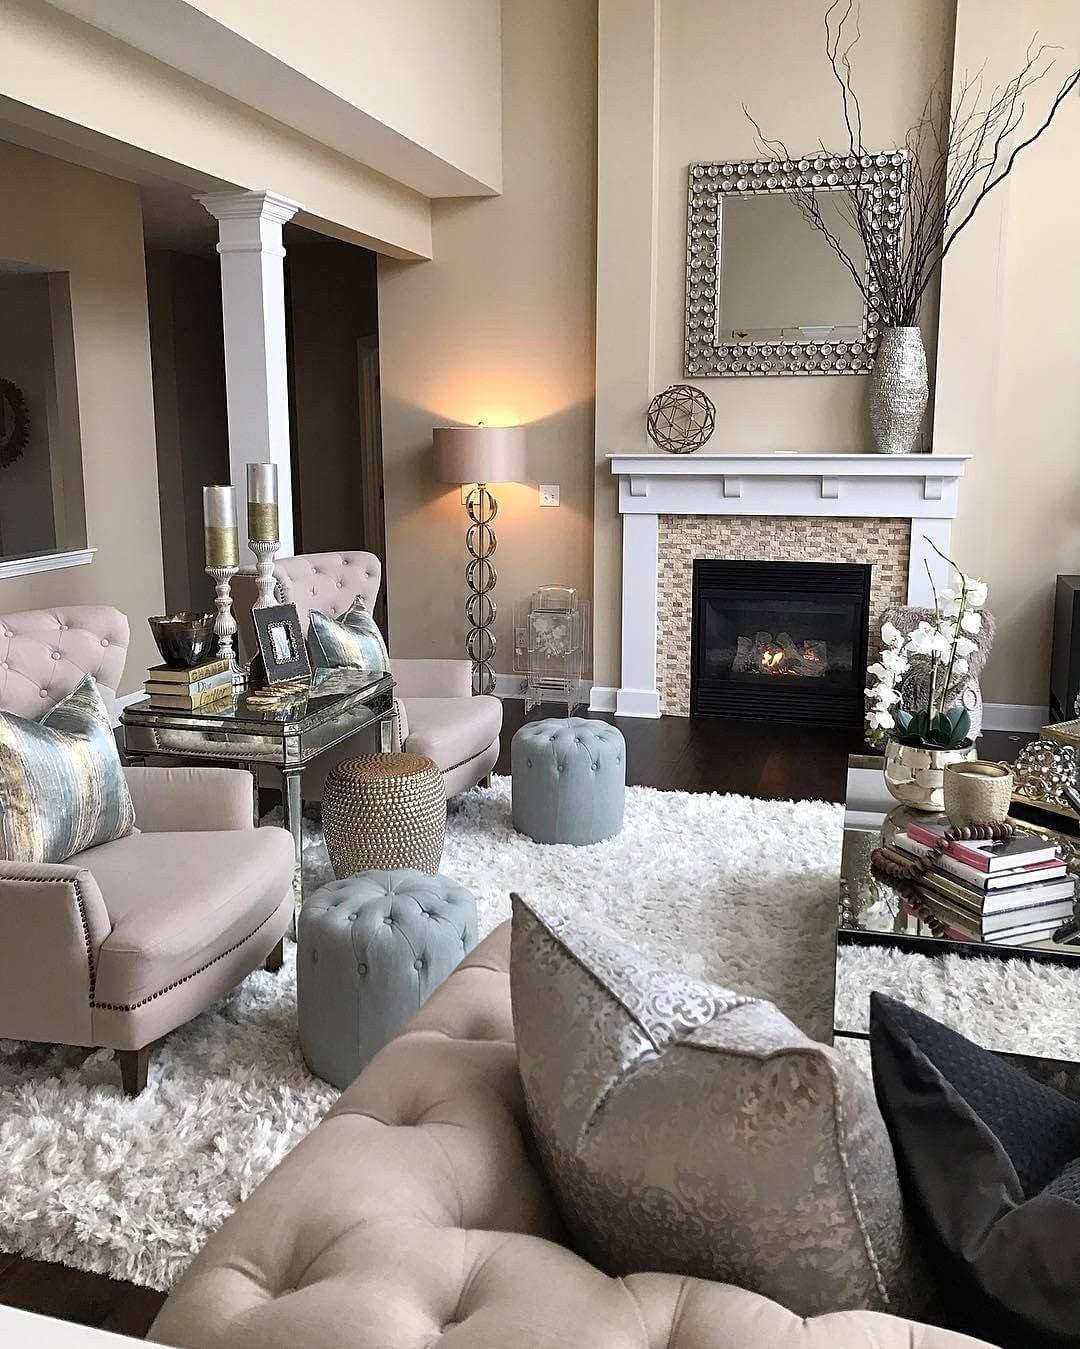 Modern Living Room Ideas Inspirational 26 Best Modern Living Room Decorating Ideas and Designs for 2017